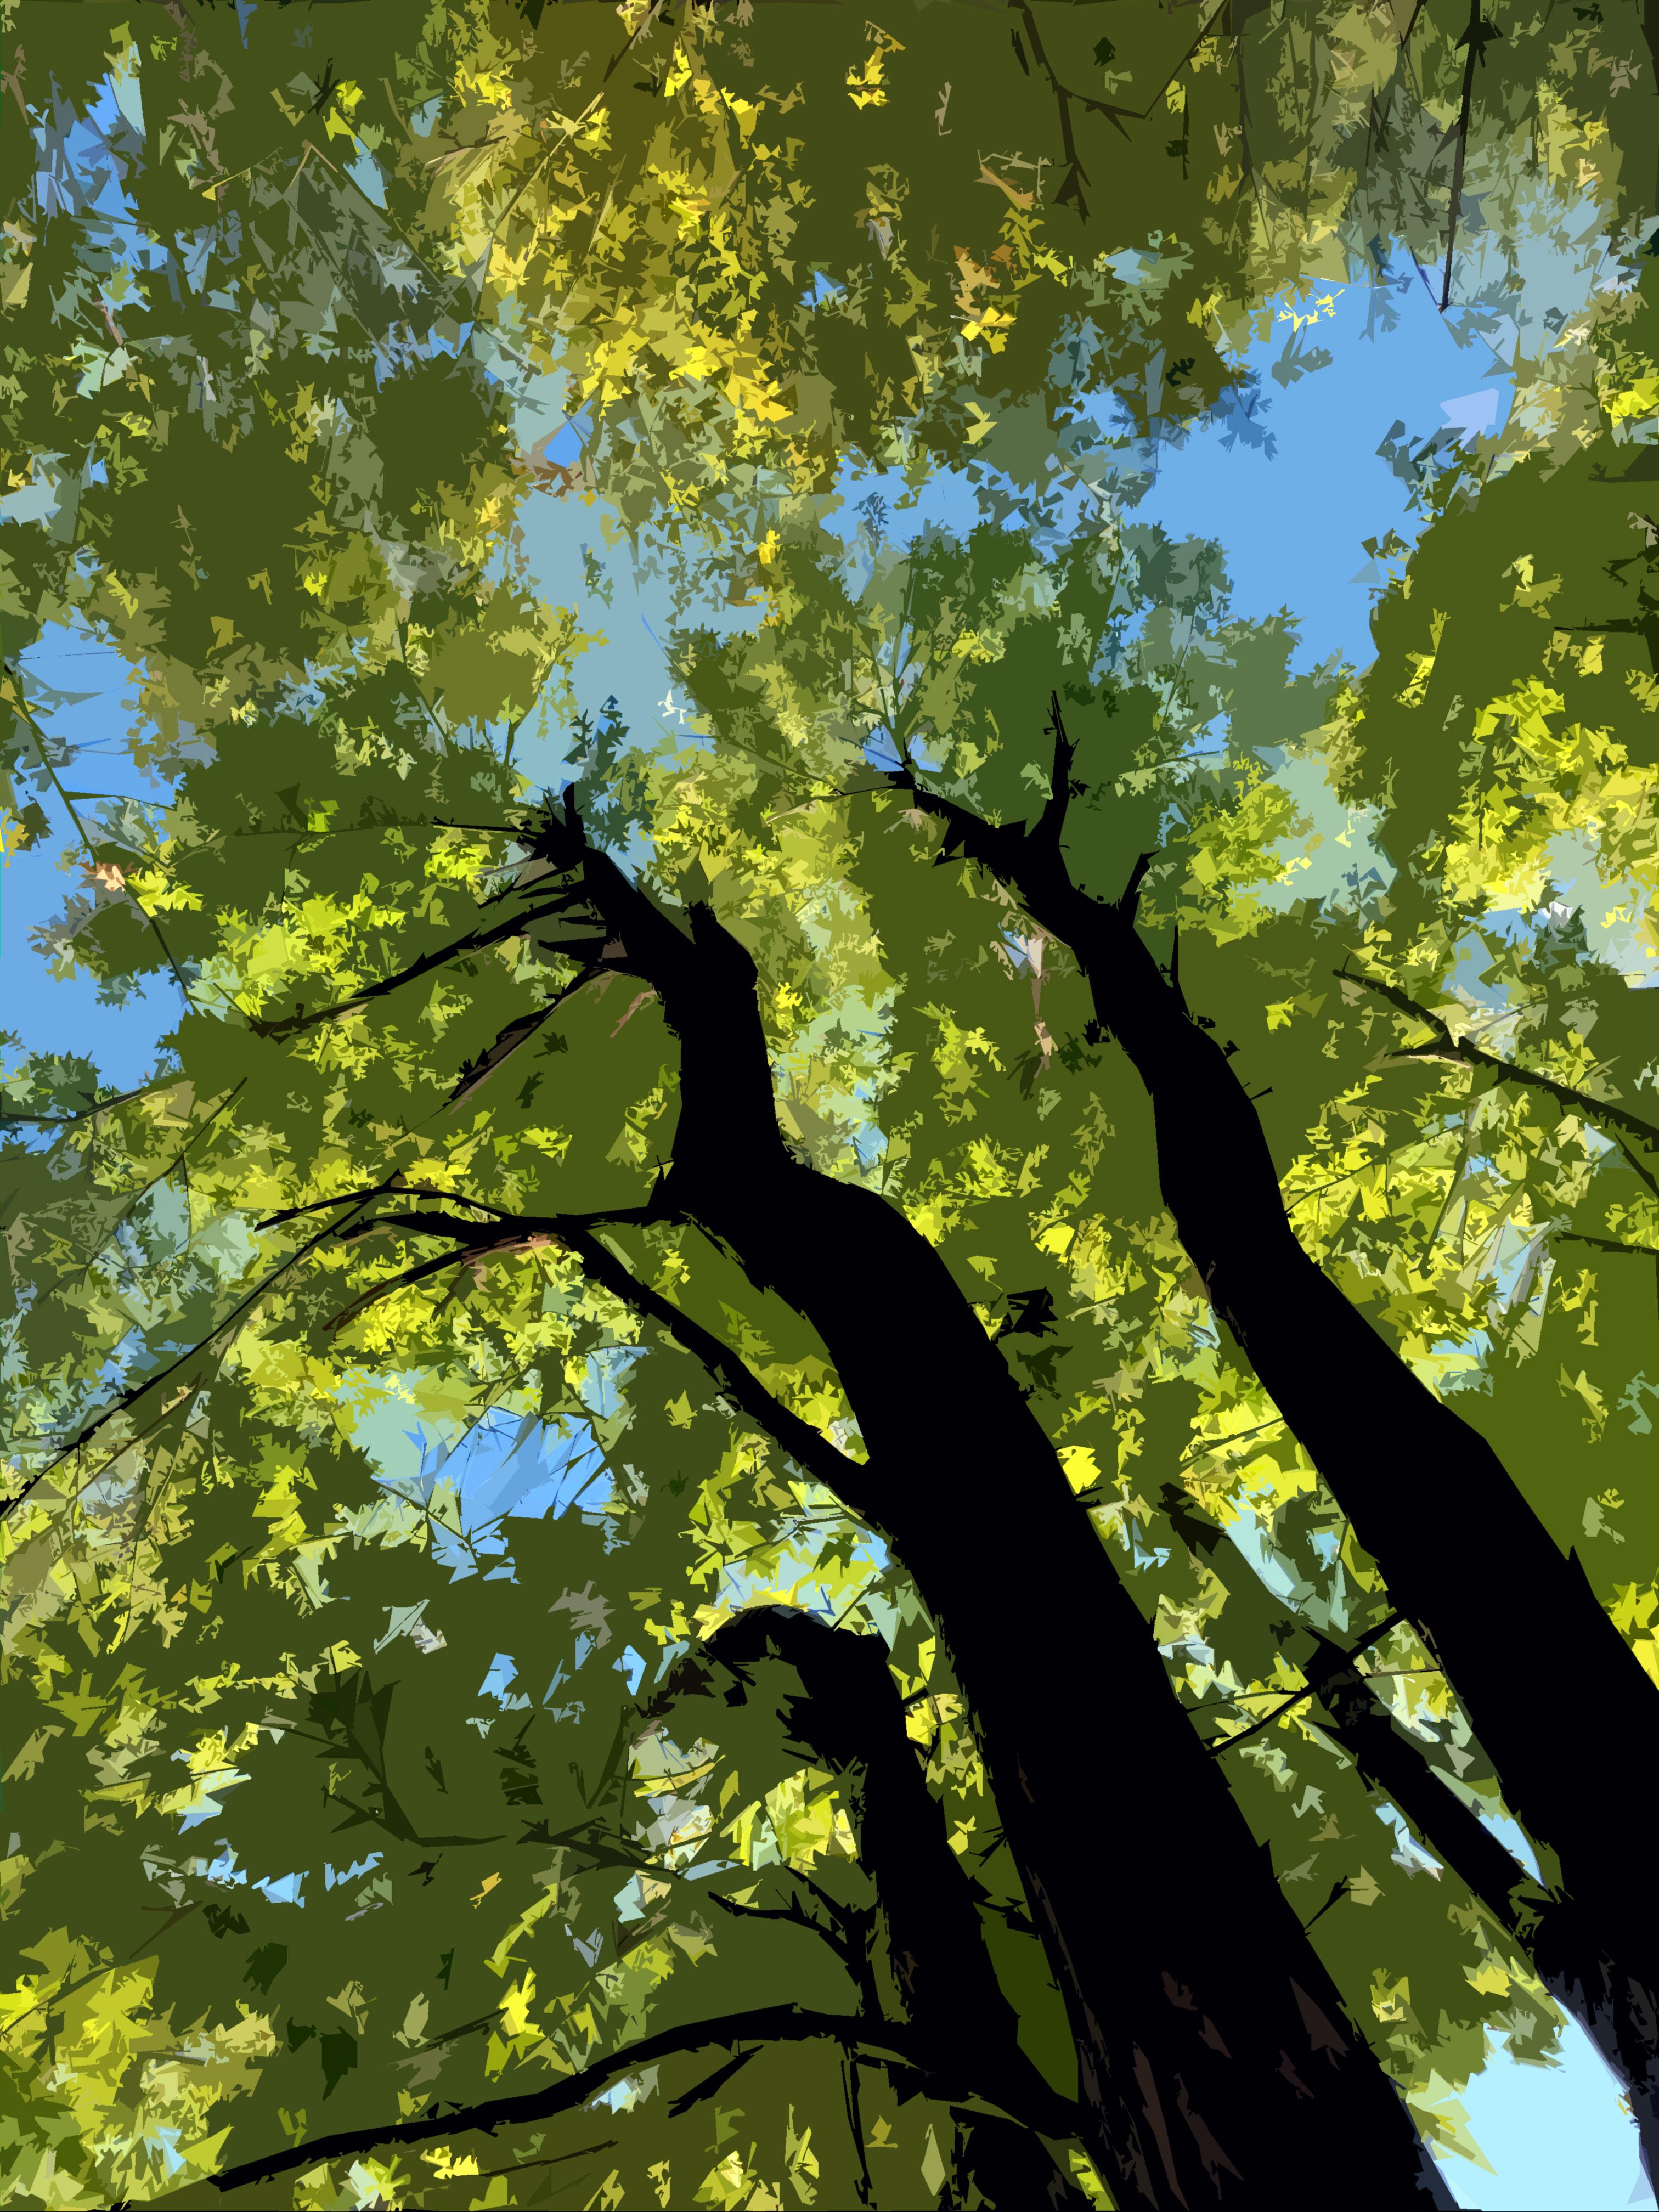 photo by Jen Matson, Boston artist. Manipulated, new hampshire nature preserve